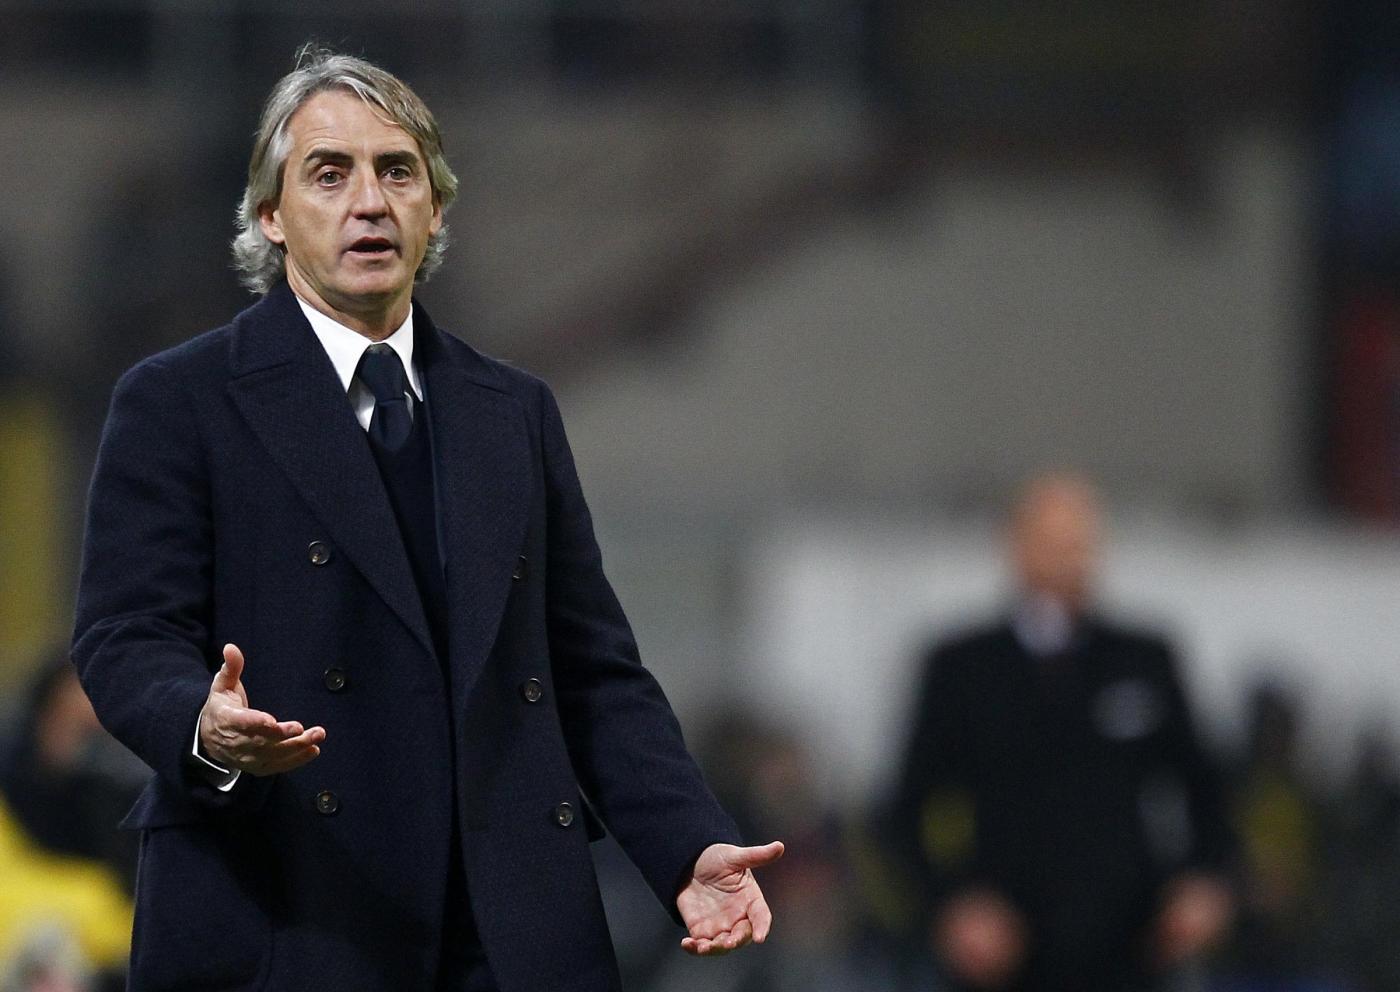 Mancini dito medio: il gesto di stizza ai tifosi del Milan